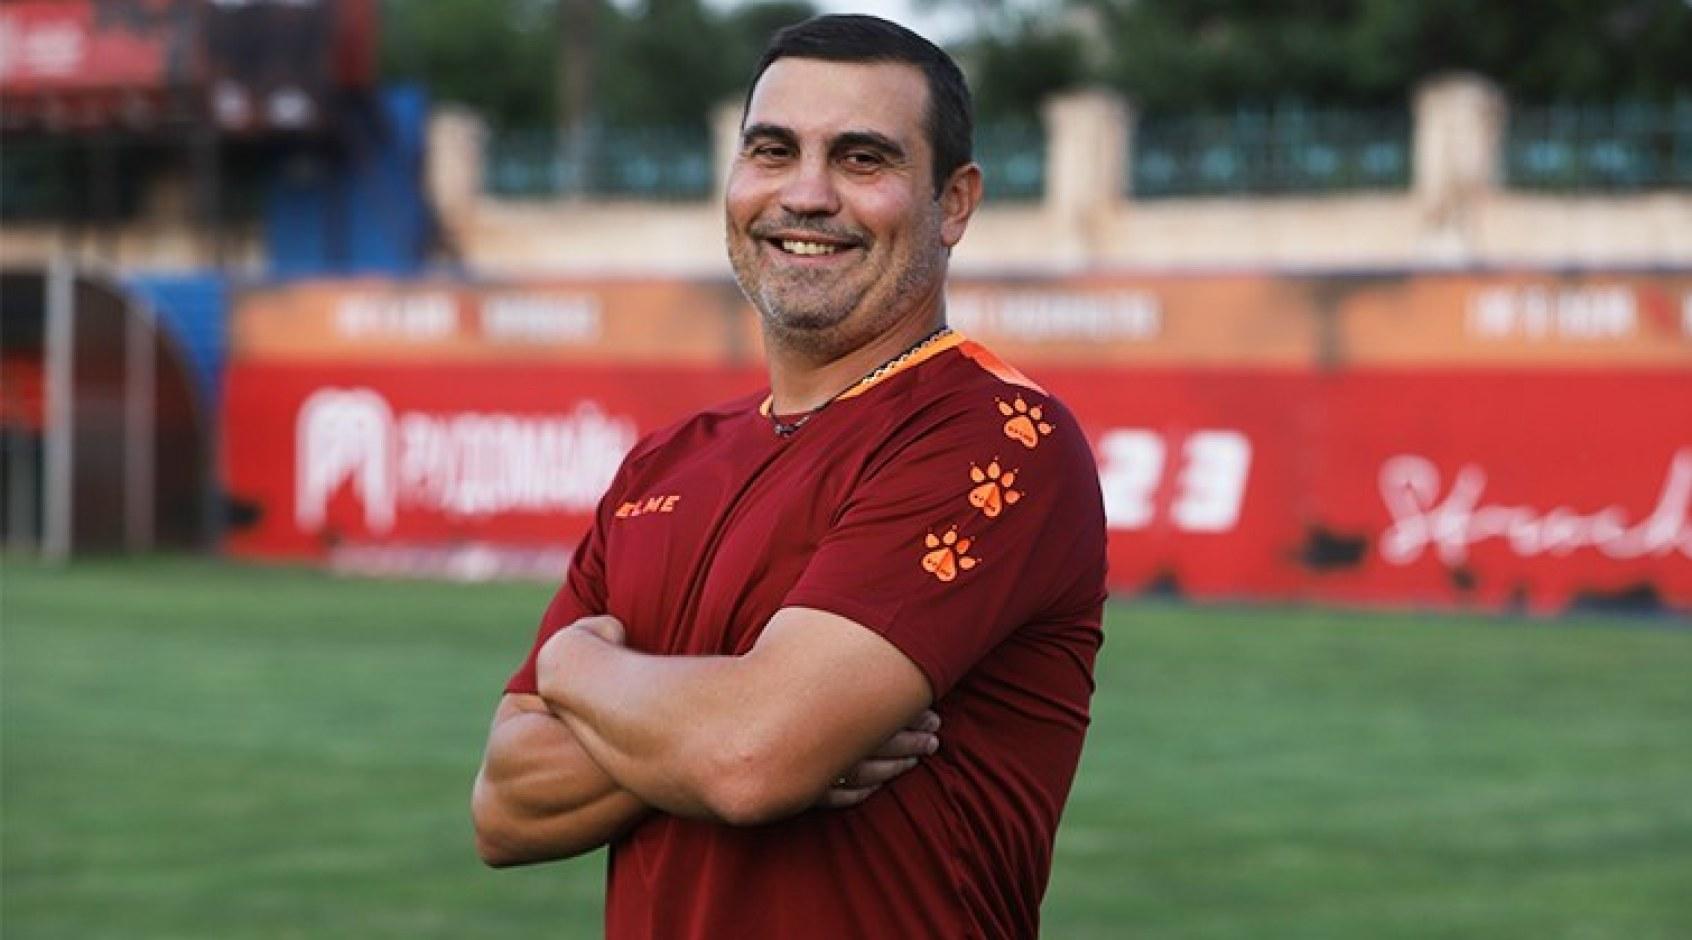 Спортивный суд в Лозанне оправдал 9 украинских футболистов и 2-х тренеров, дисквалифицированных за участие в договорных матчах в Армении